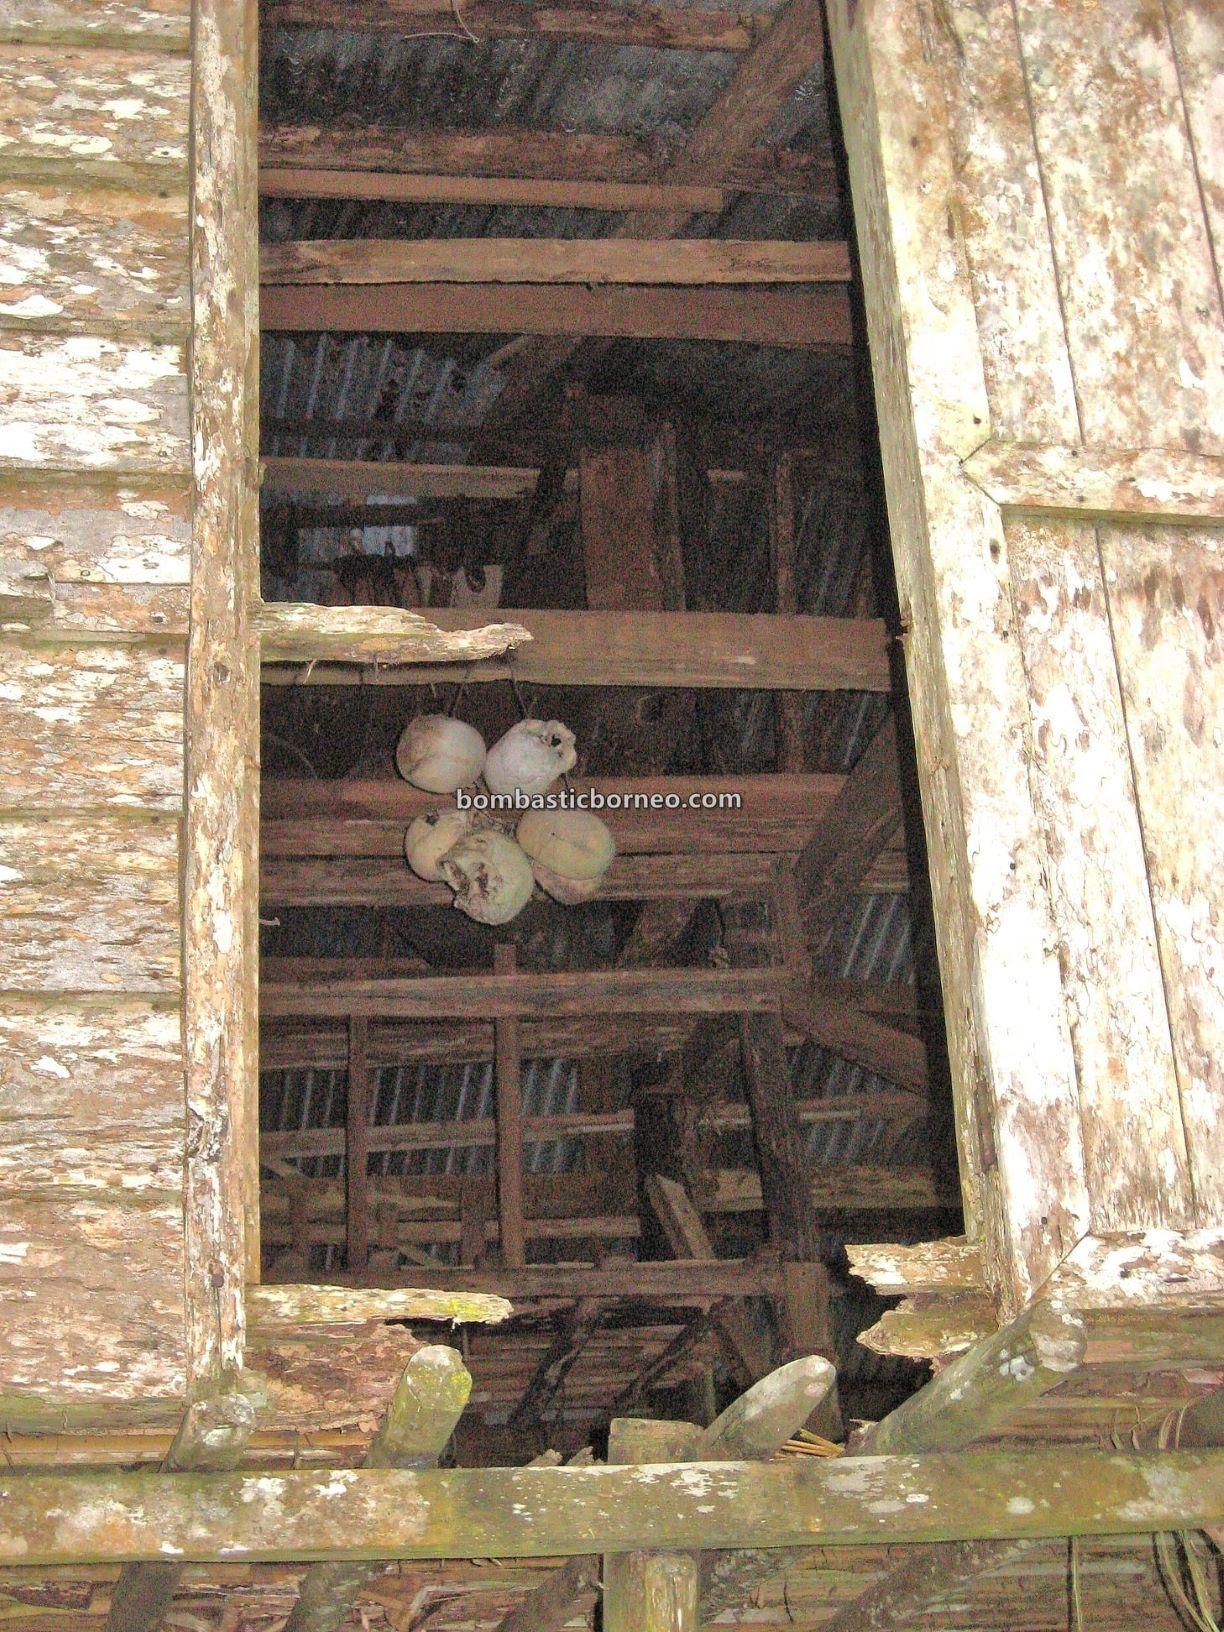 Kampung Serumah, Kampung Gayu, village, Baruk, skulls house, exploration, Padawan, Kuching, Sarawak, Malaysia, Tourism, travel, Borneo